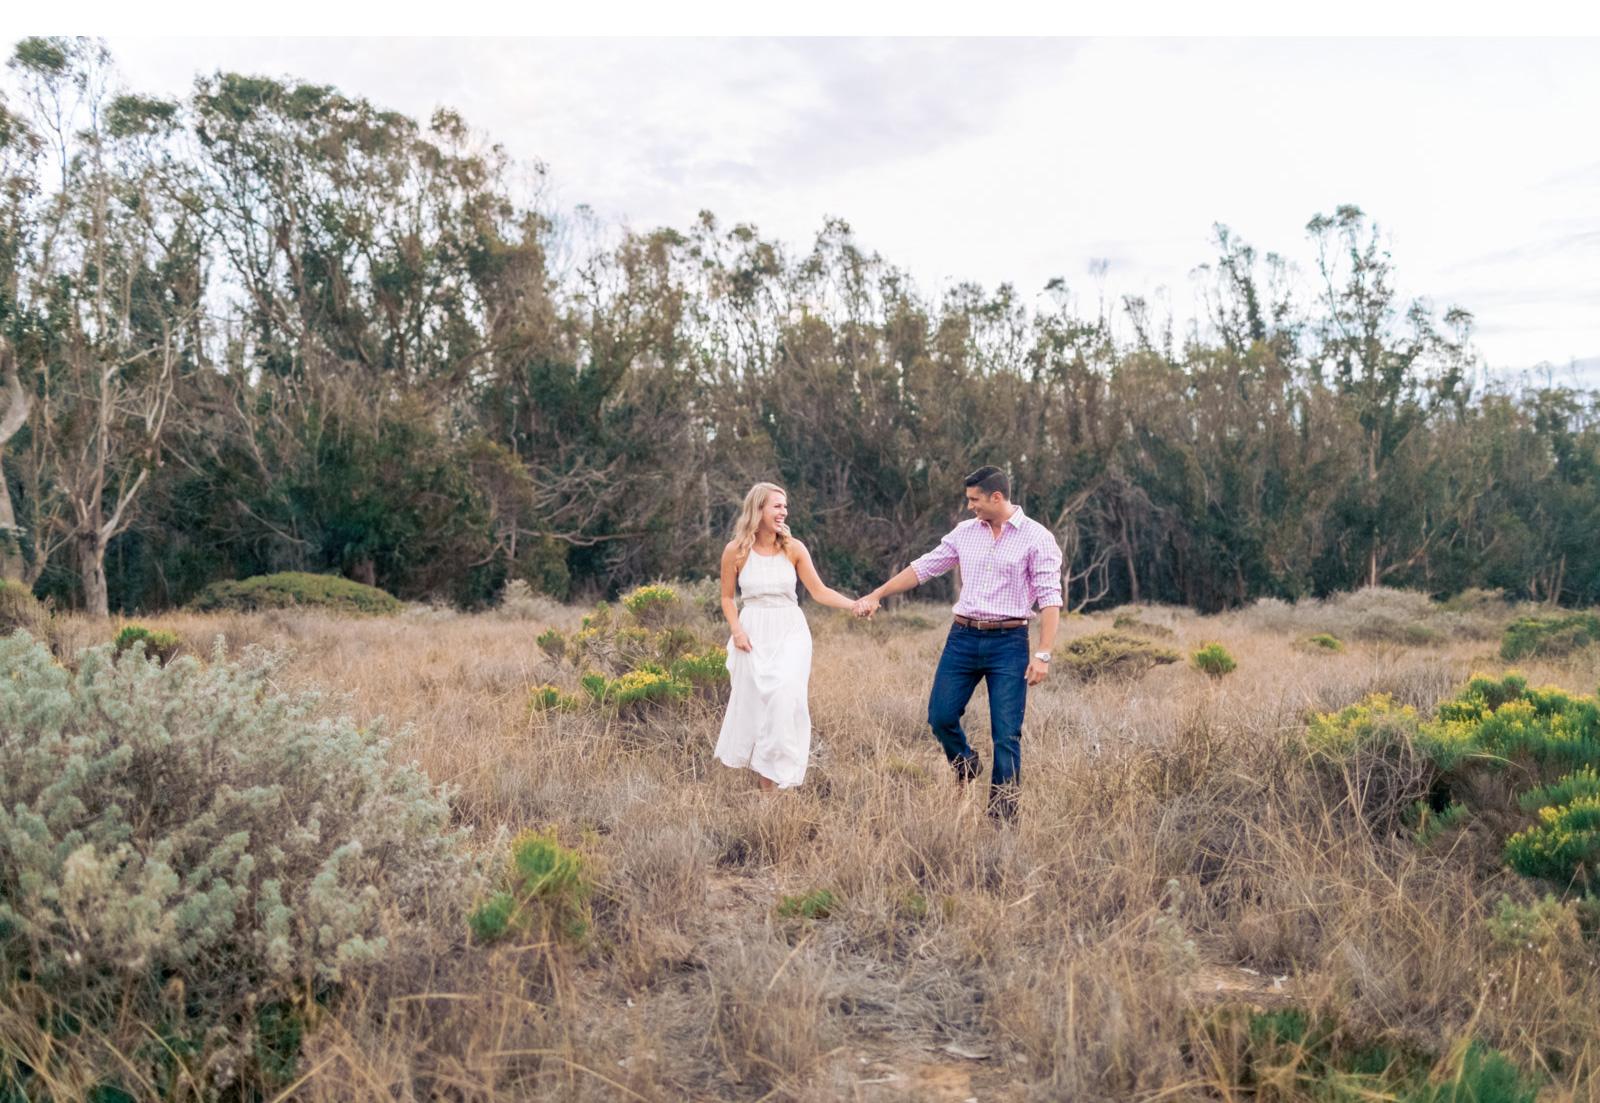 Natalie-Schutt-Photography---Long-Beach-Wedding-Photographer-_09.jpg